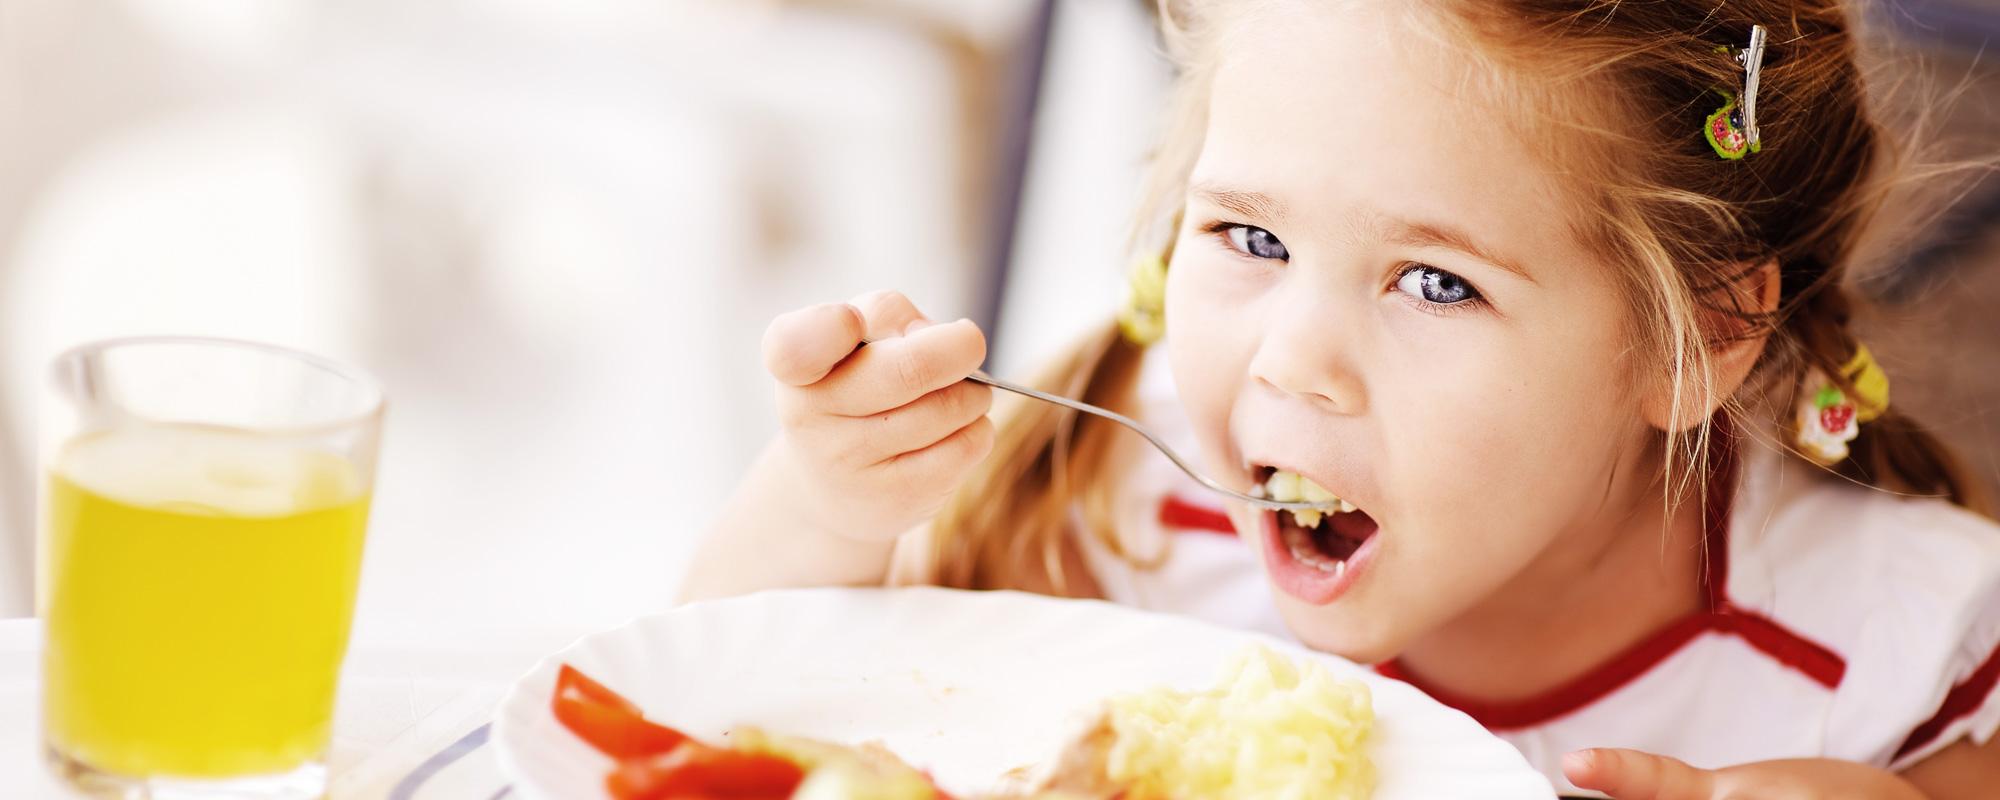 La <span>salute</span> inizia fin da piccolini